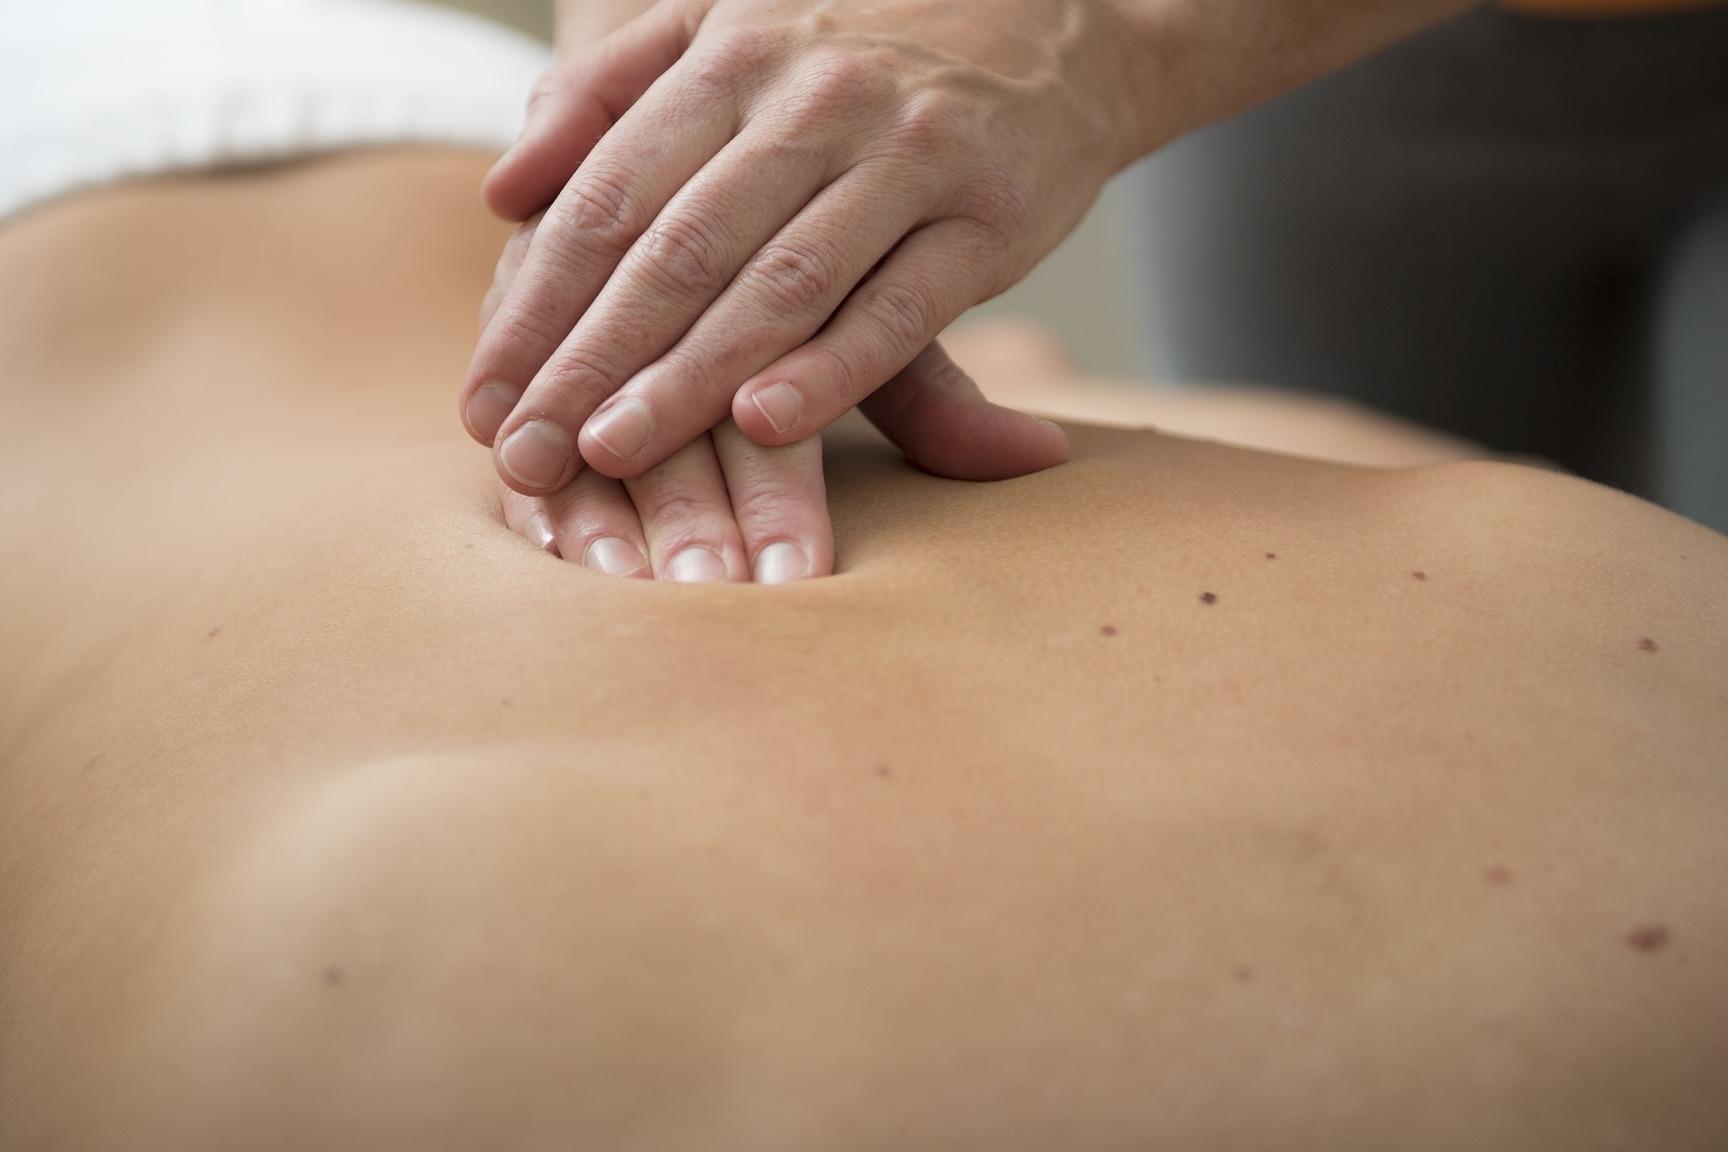 Massage cursus online | Zonnevlecht Opleidingen Kennis met jou delen is onze passie